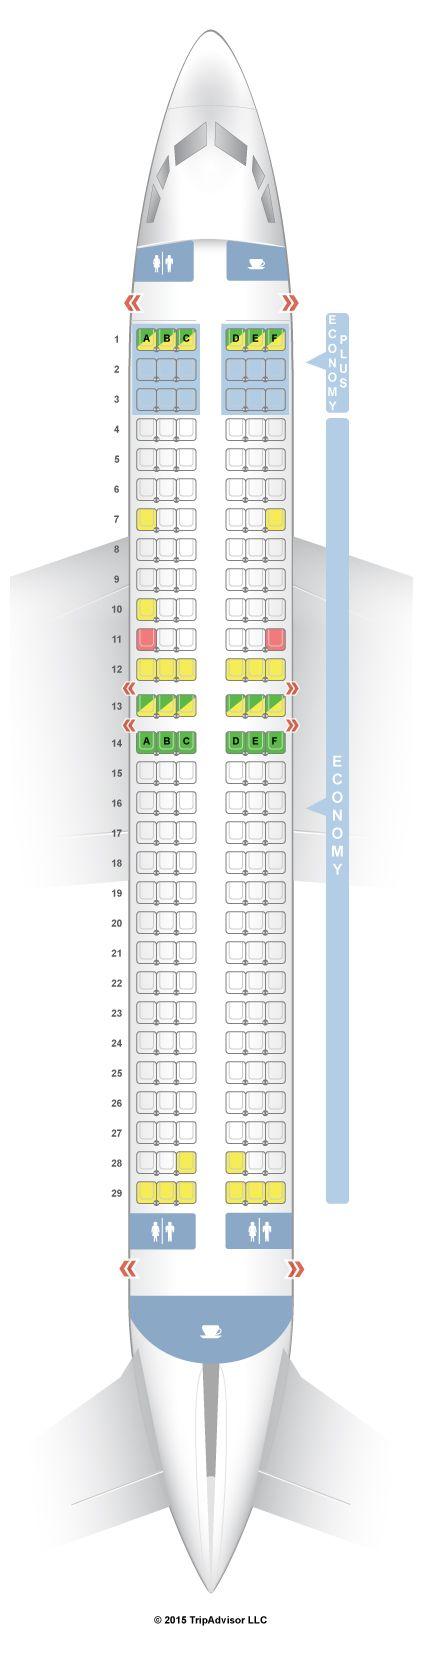 SeatGuru Seat Map WestJet Boeing 737-800 (738) - SeatGuru